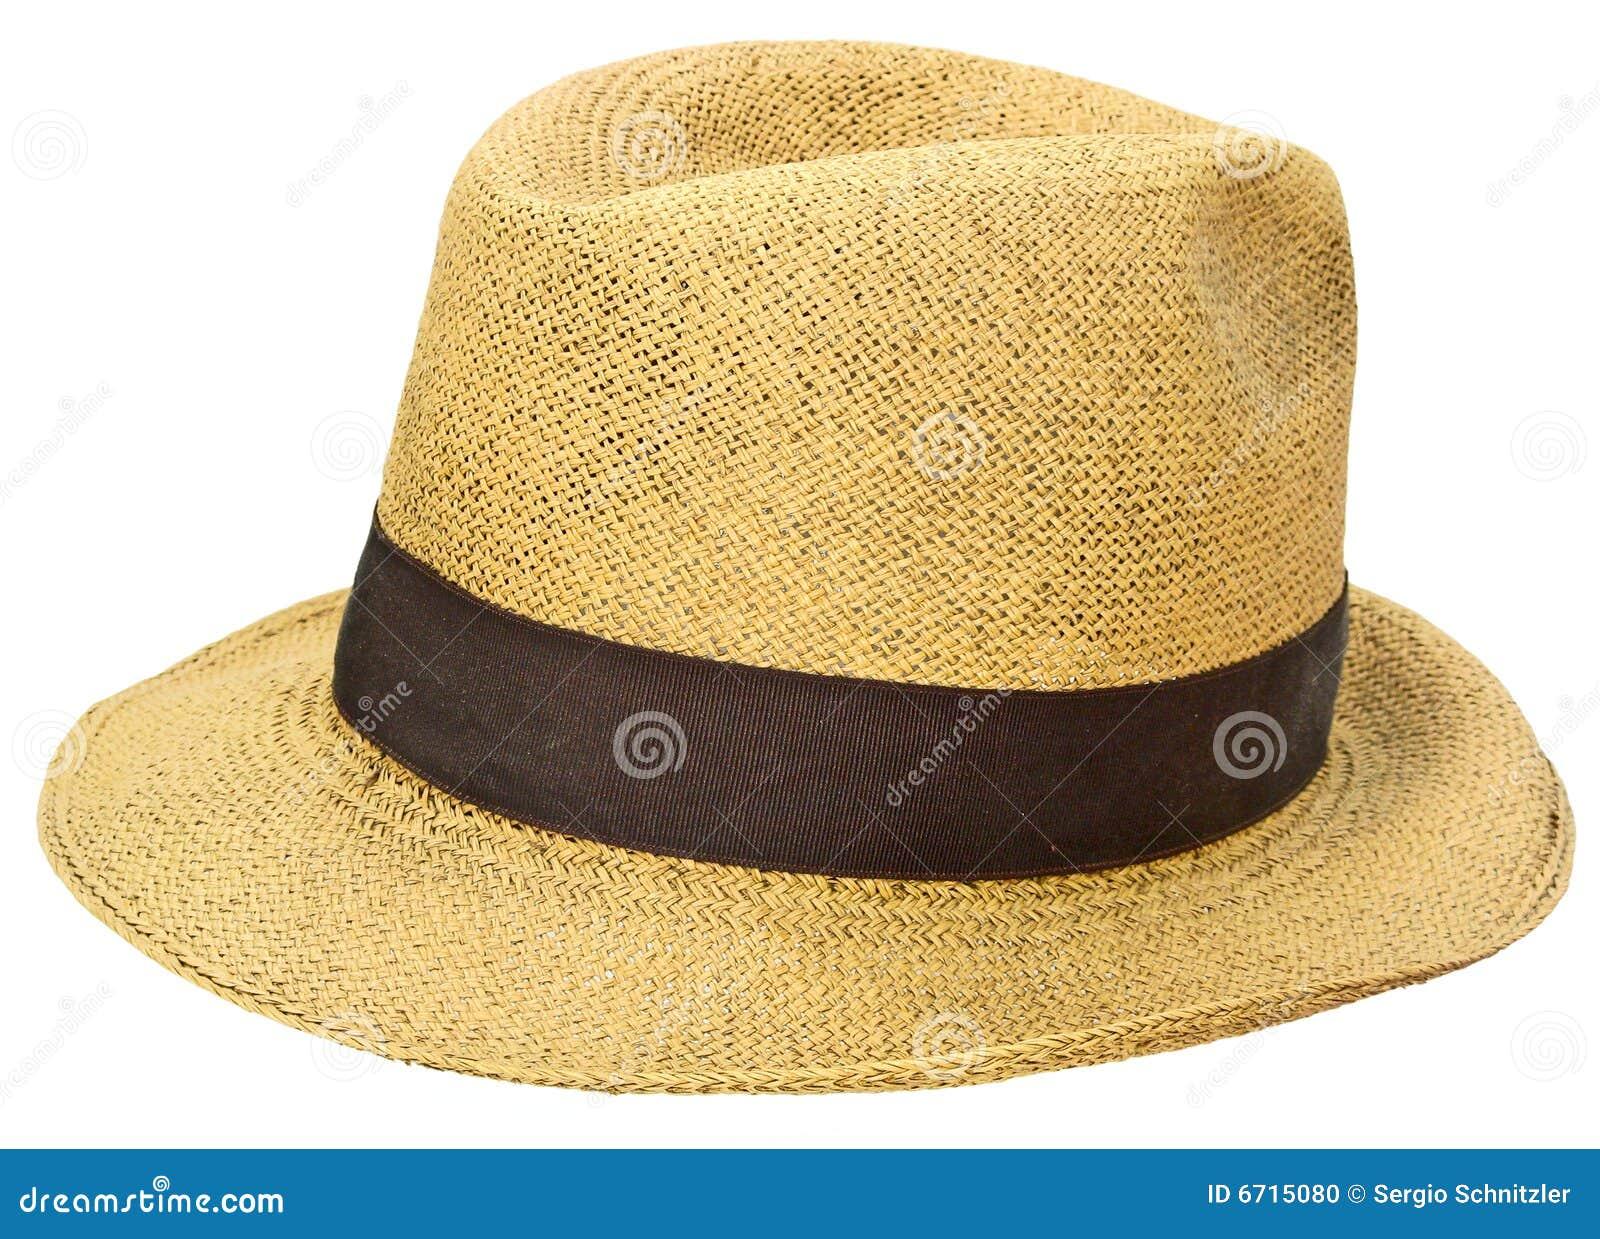 Hattpanamaniansugrör